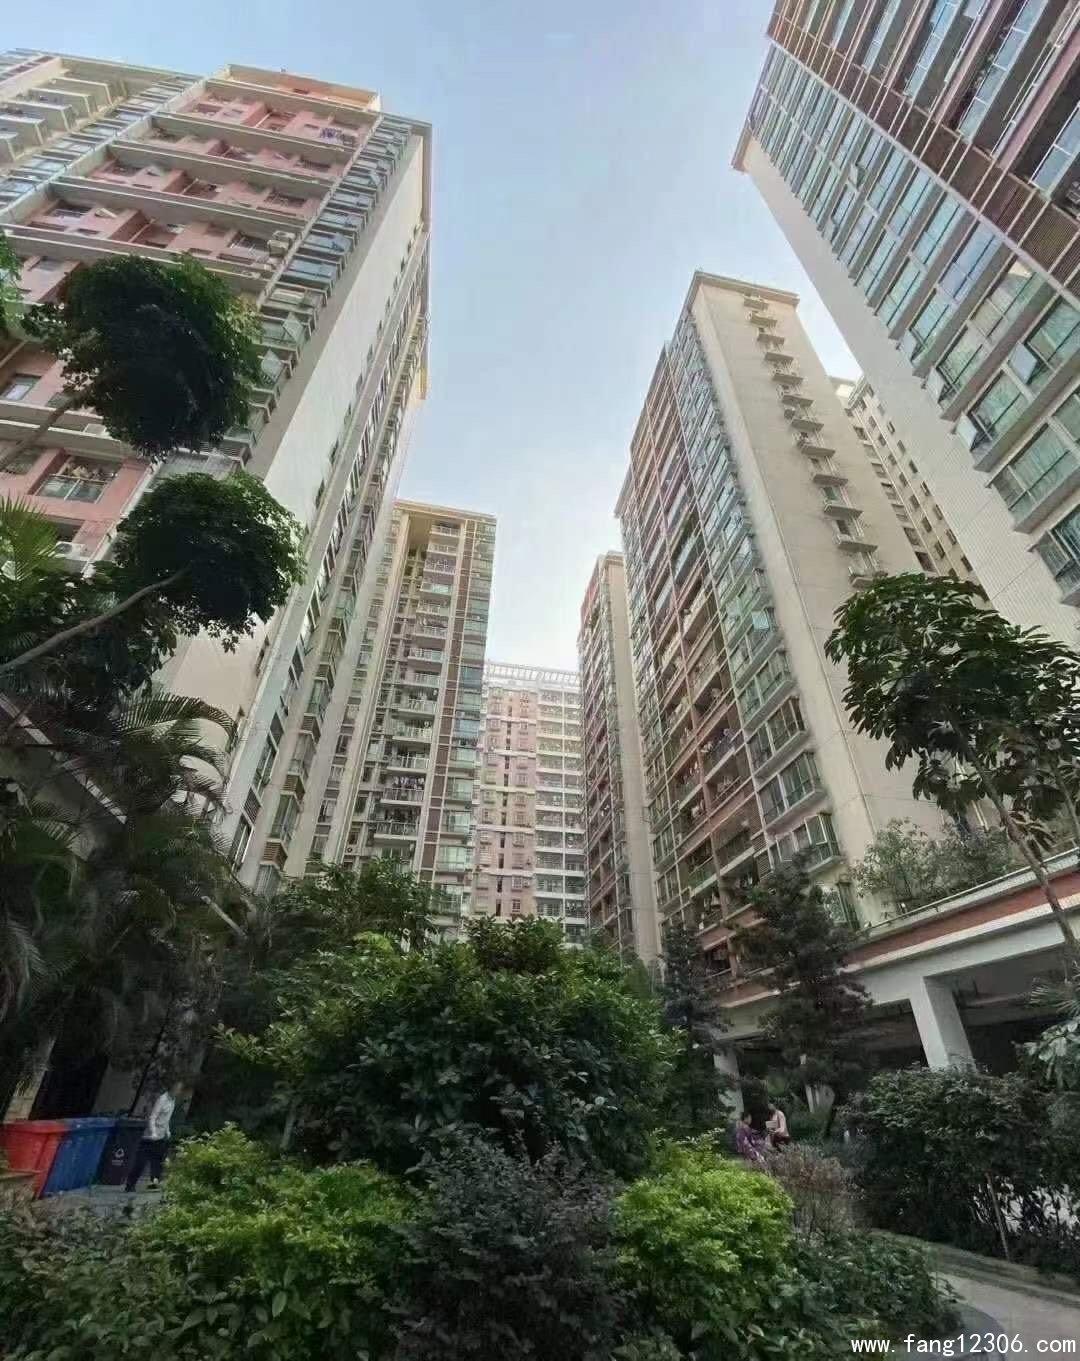 <b>沙井小产权房《财富公馆》6栋大花园社区3房仅售158万</b>